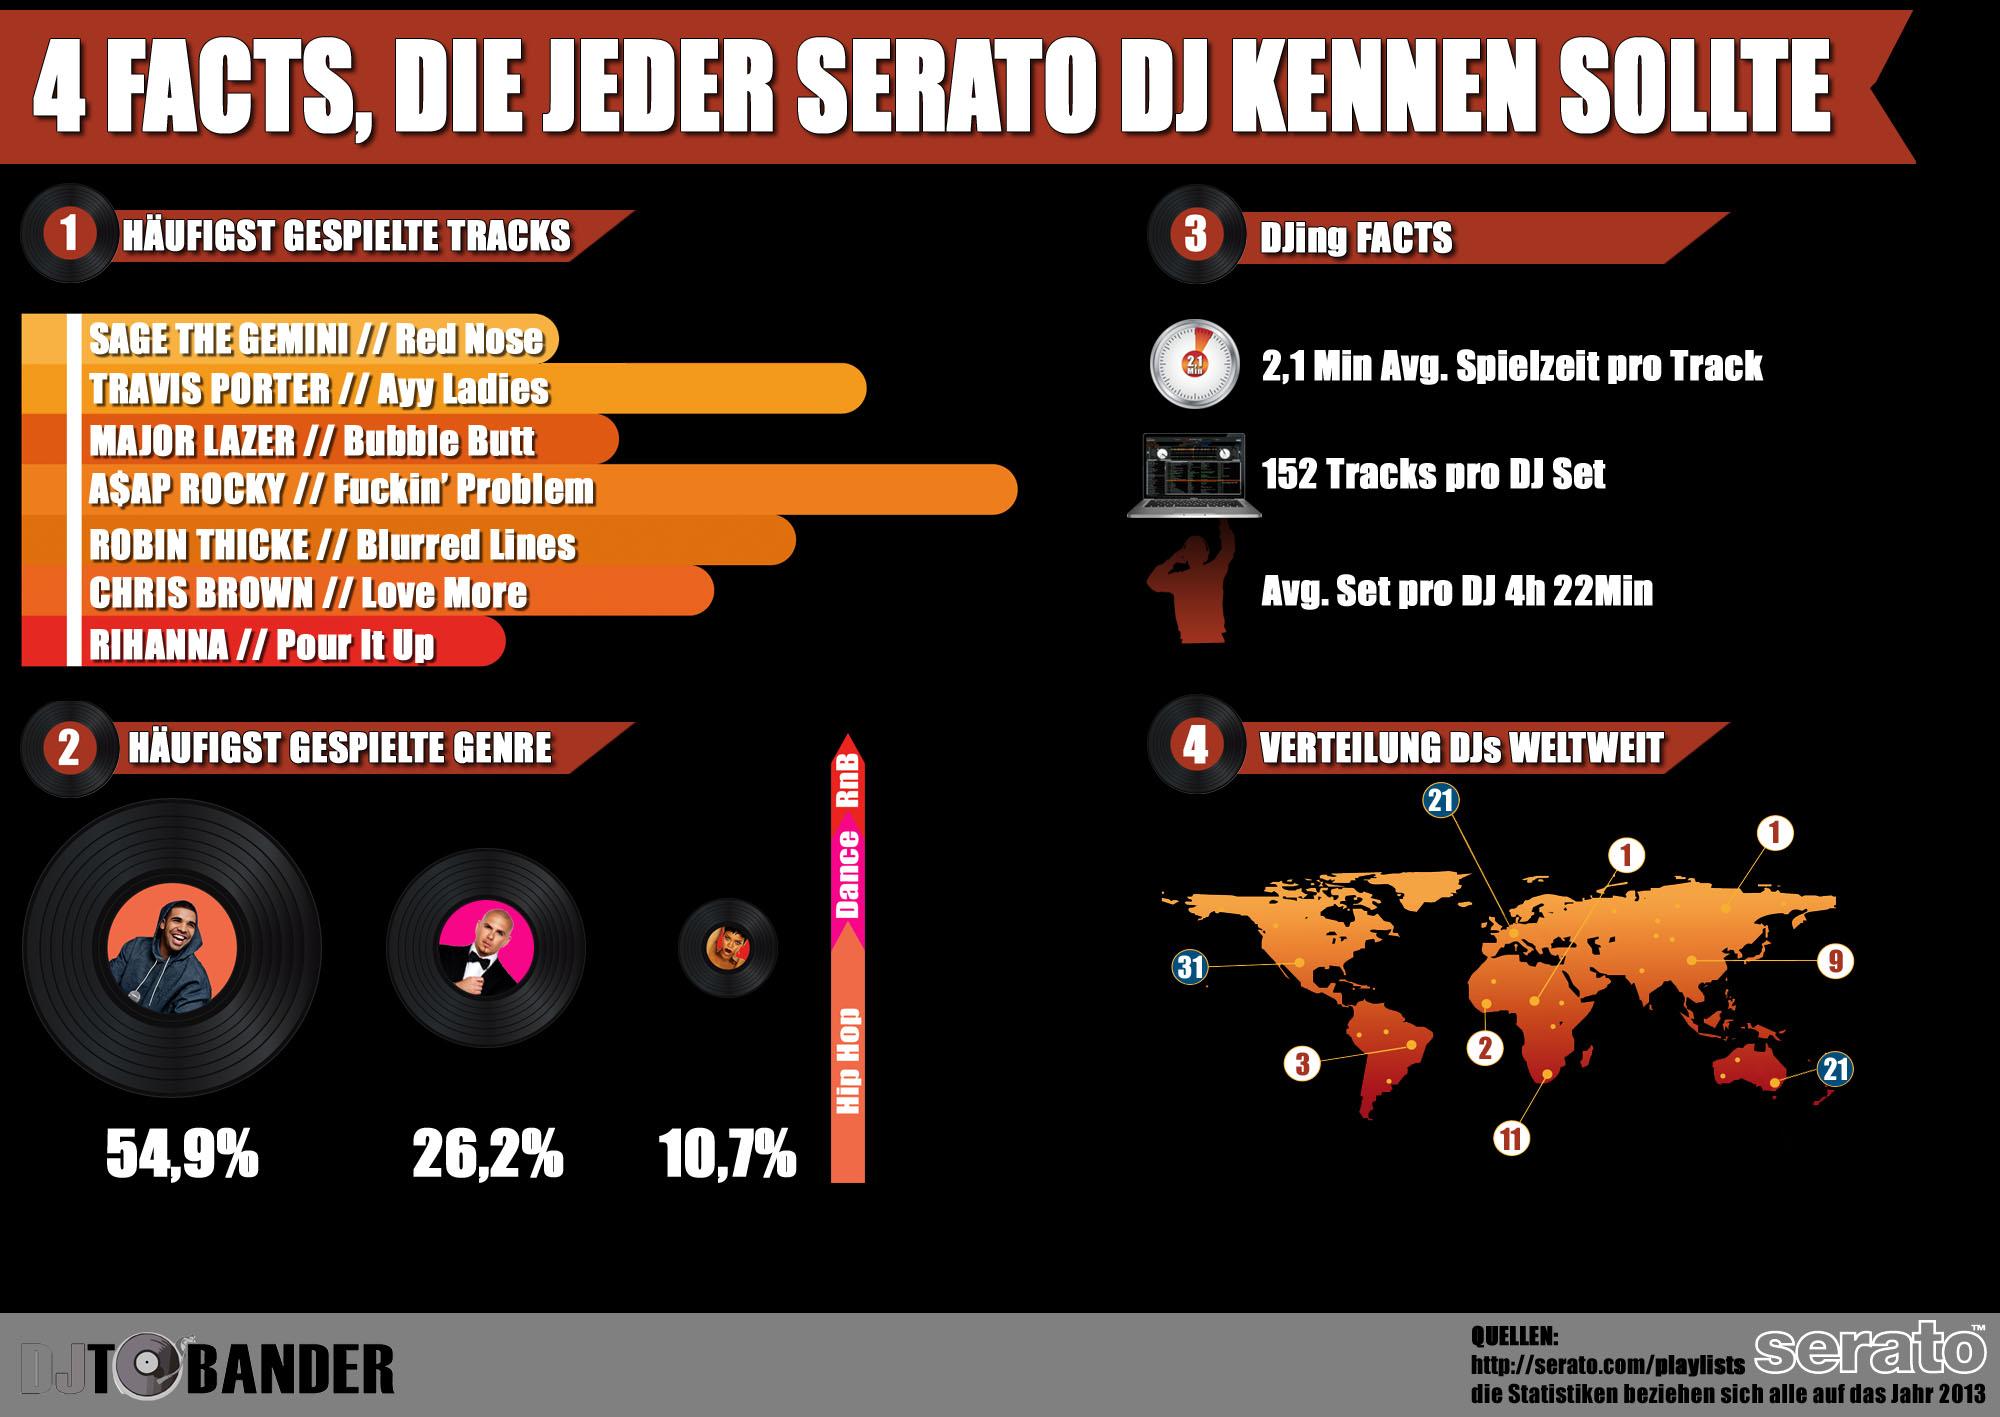 4 Facts, die jeder Serato DJ kennen sollte